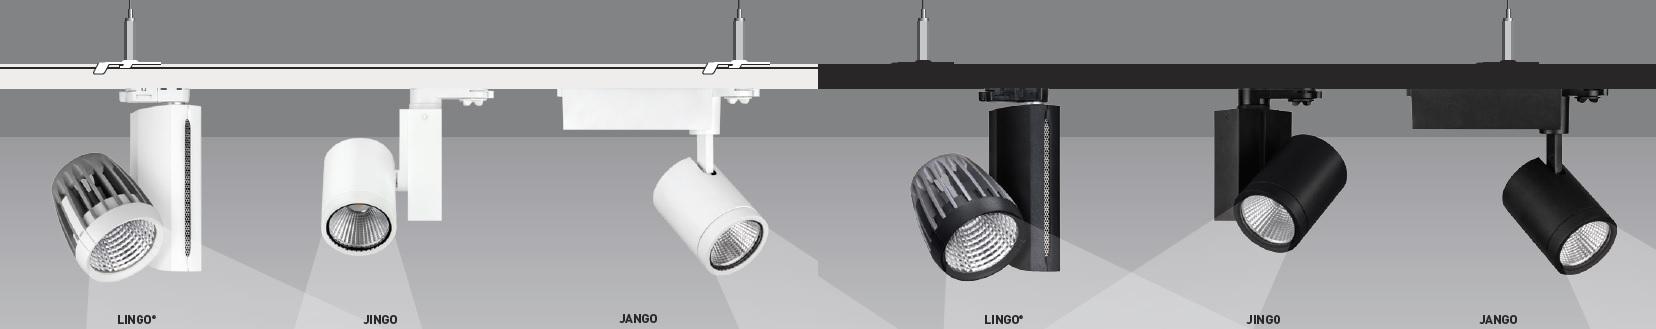 afb-header-gamma-illumination-track-spots